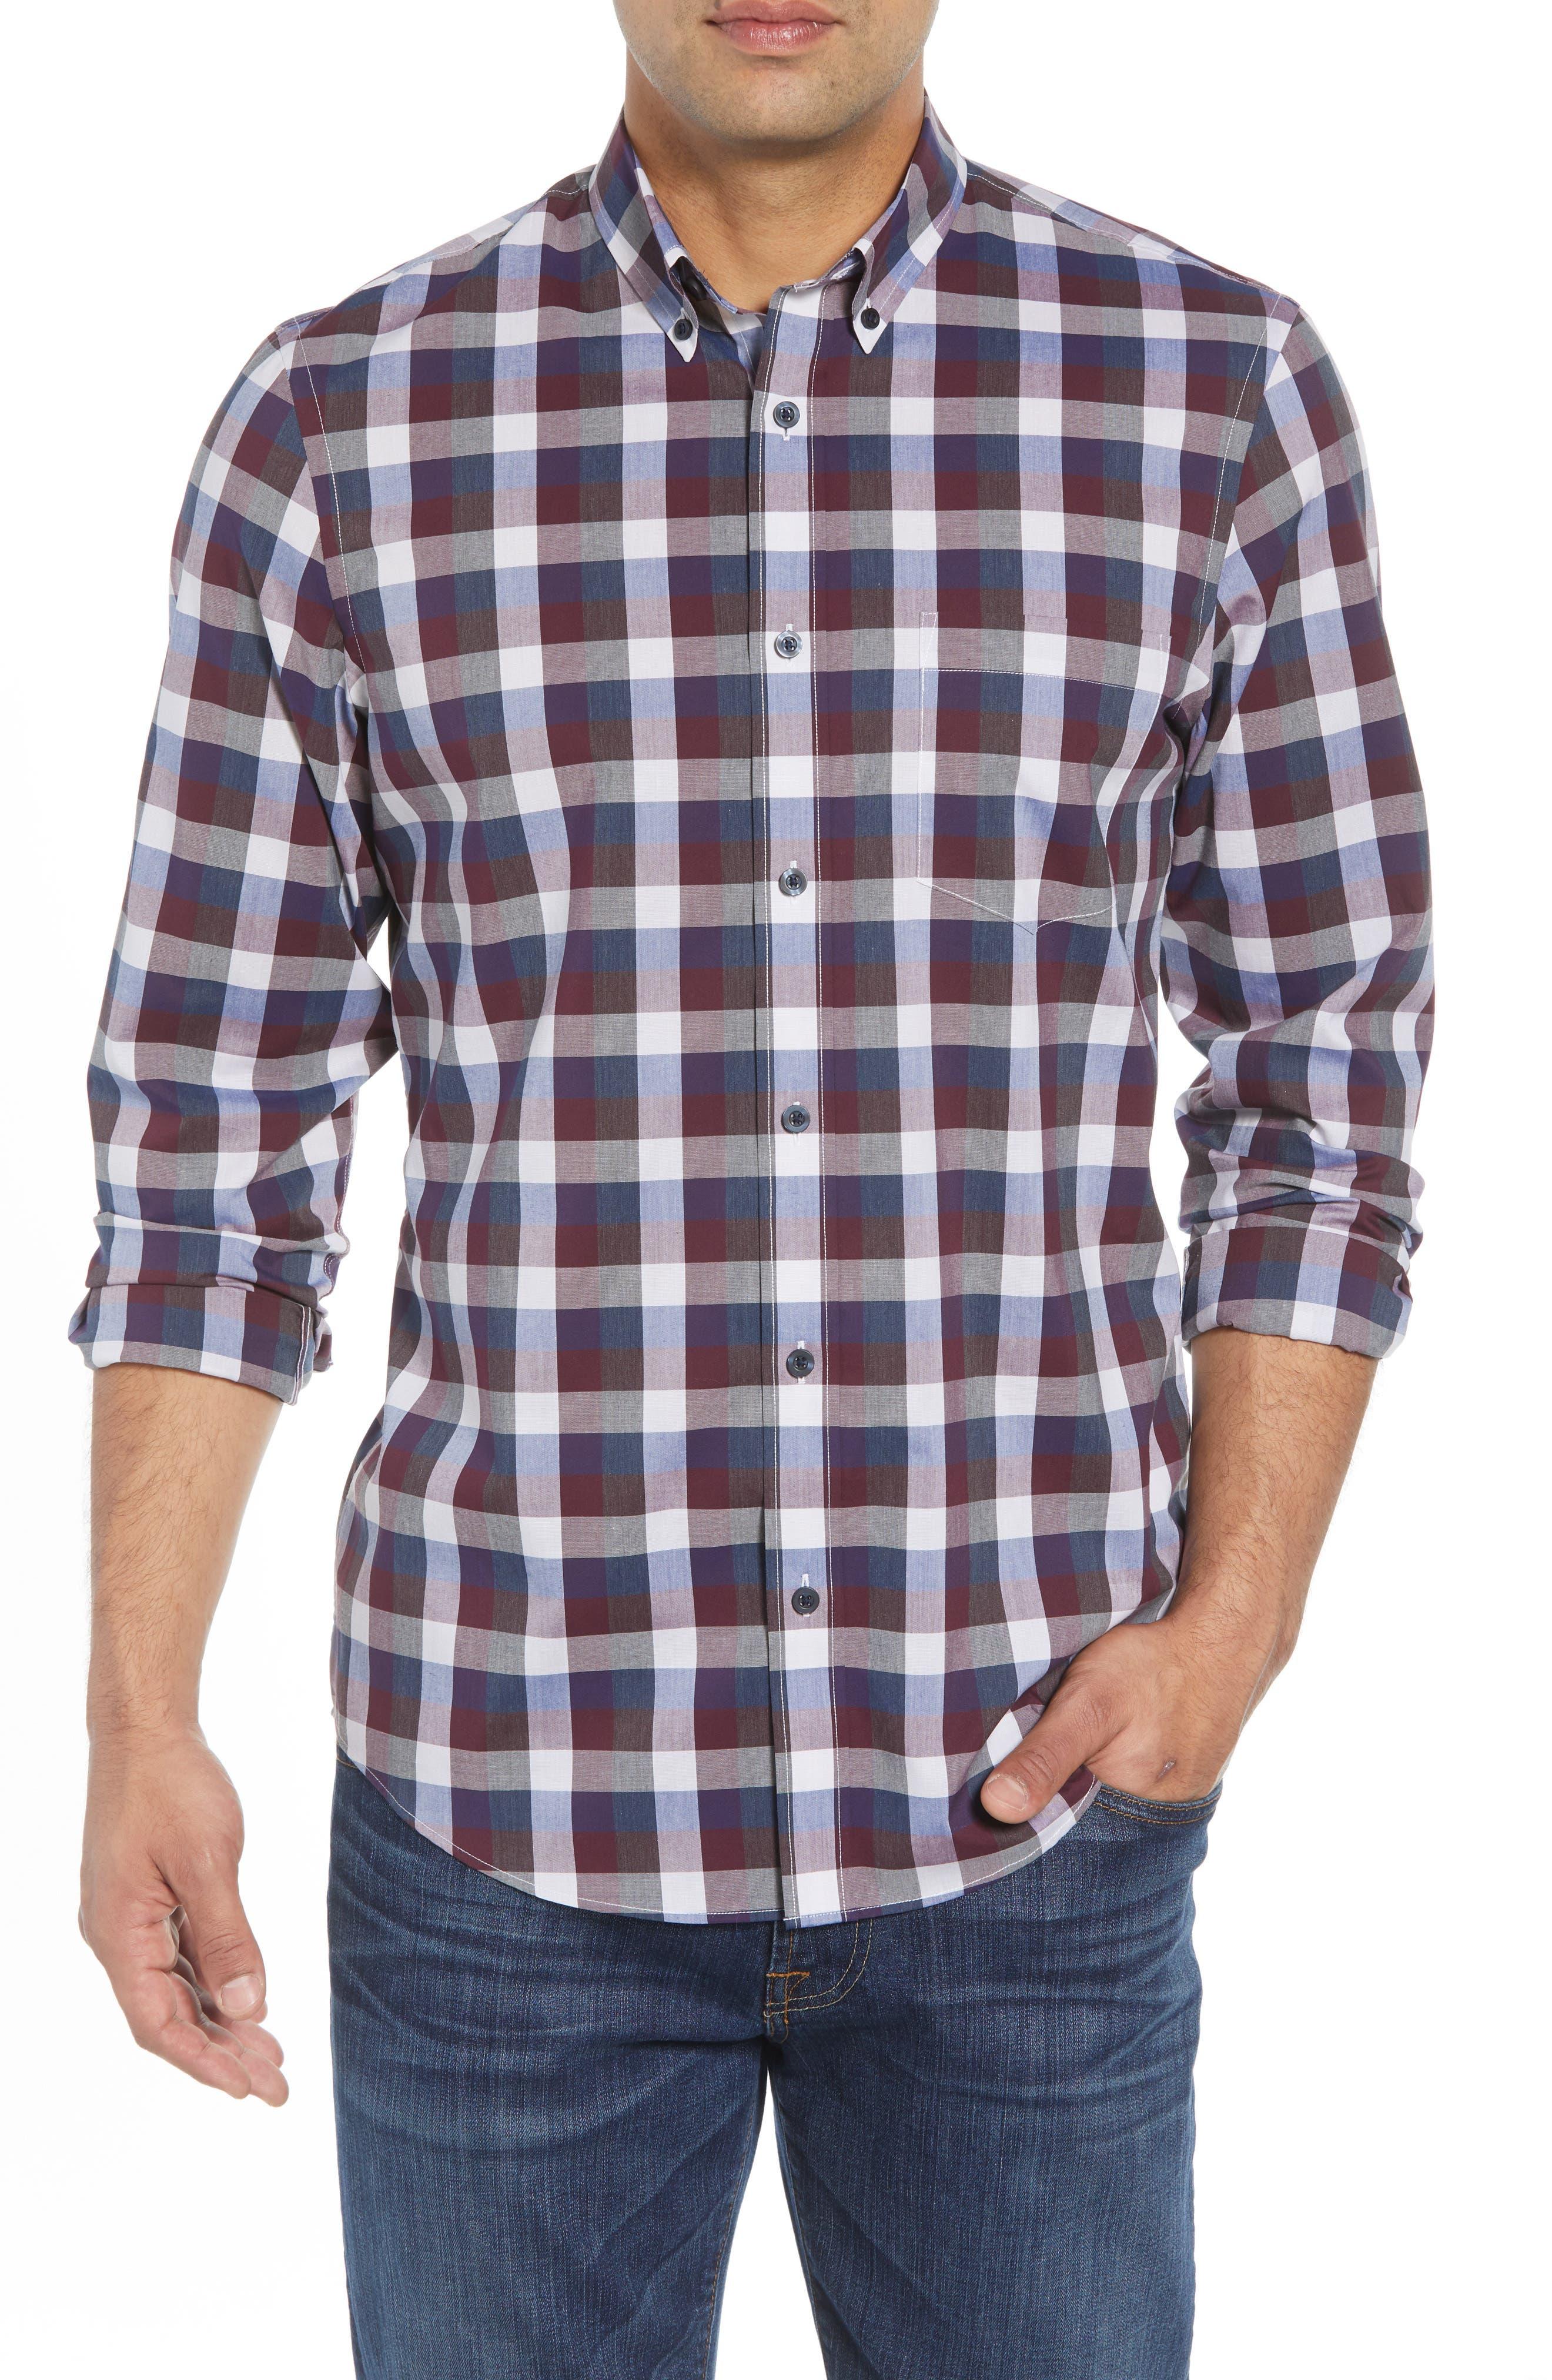 Nordstrom Shop Tech-Smart Regular Fit Check Sport Shirt